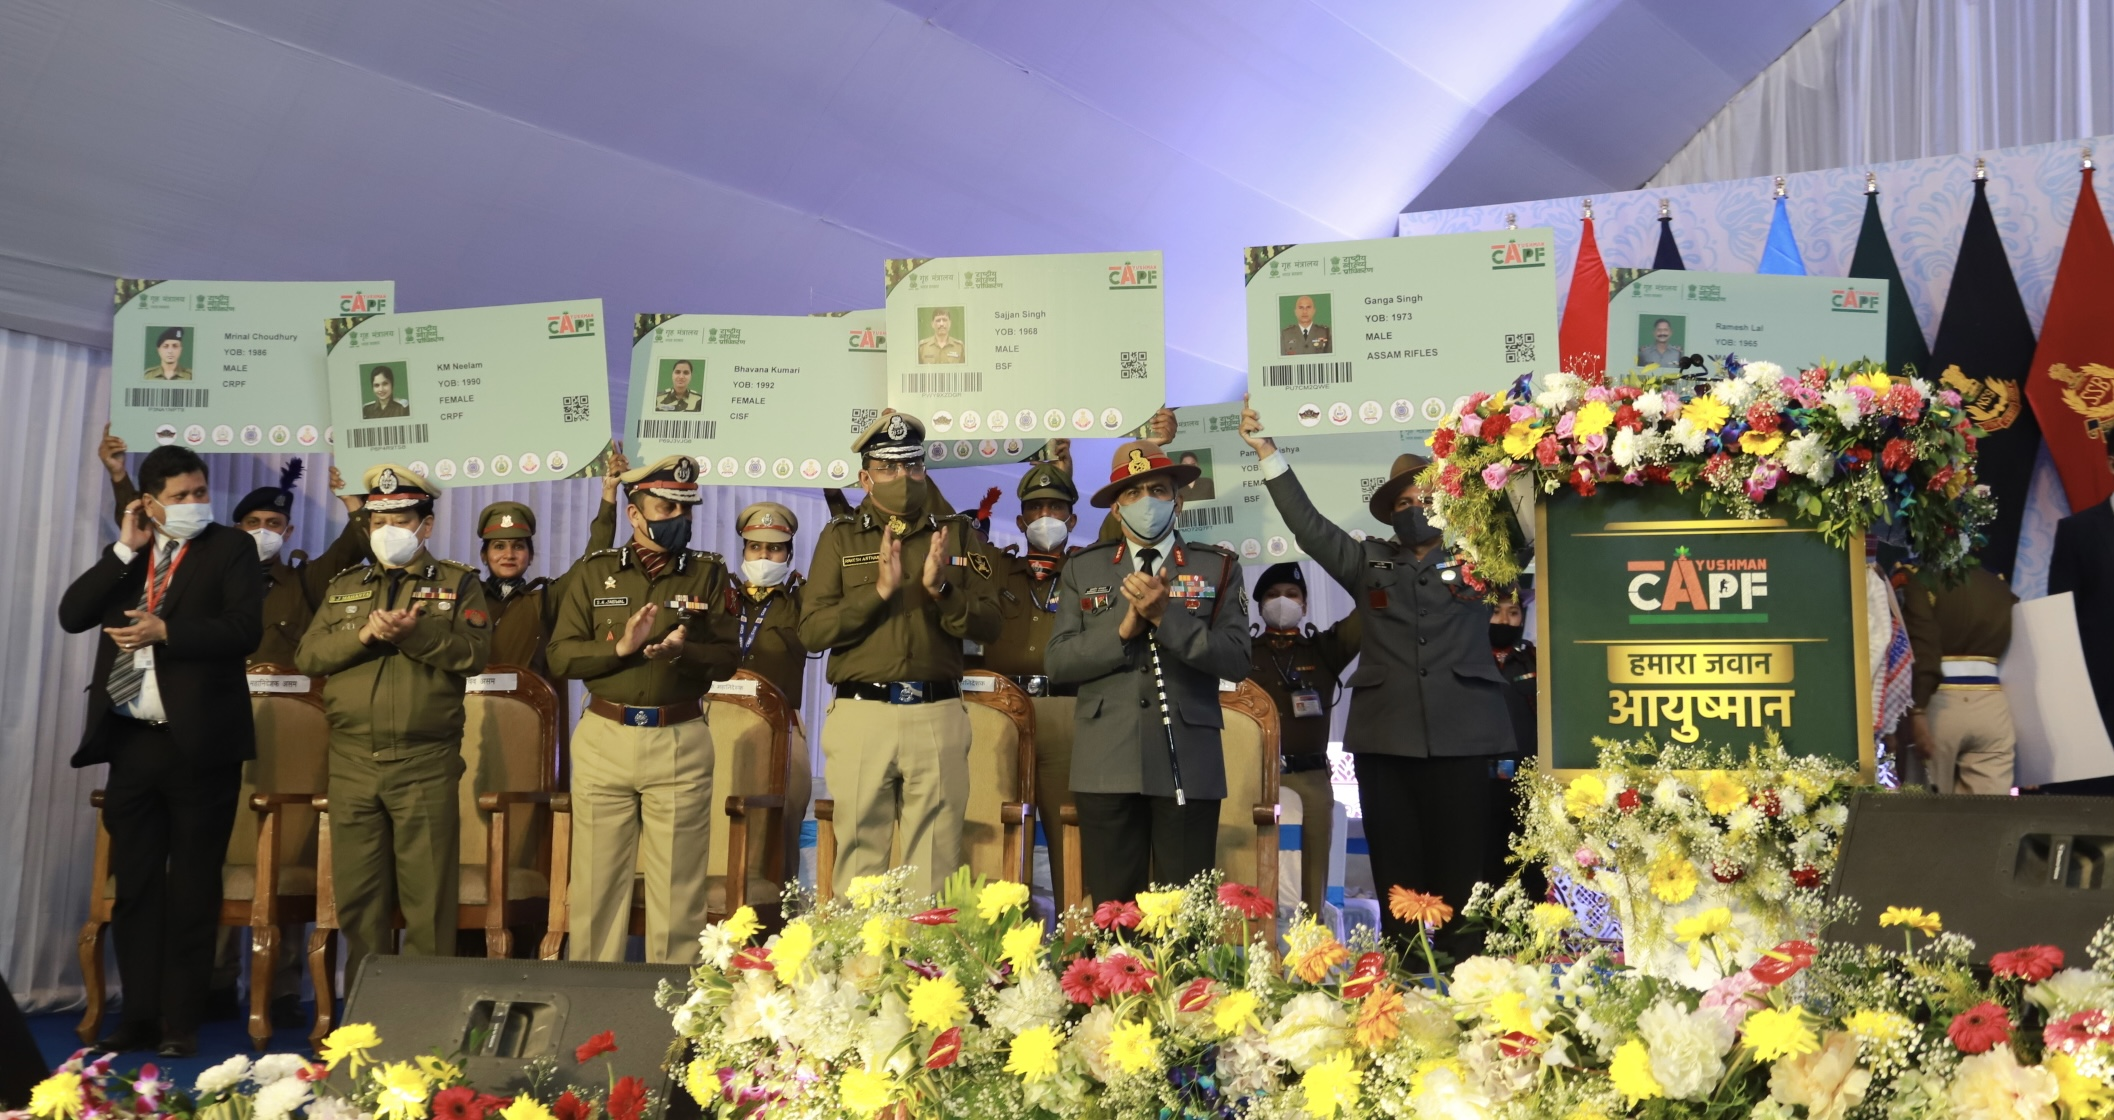 Shri Amit Shah launching the Ayushman CAPF